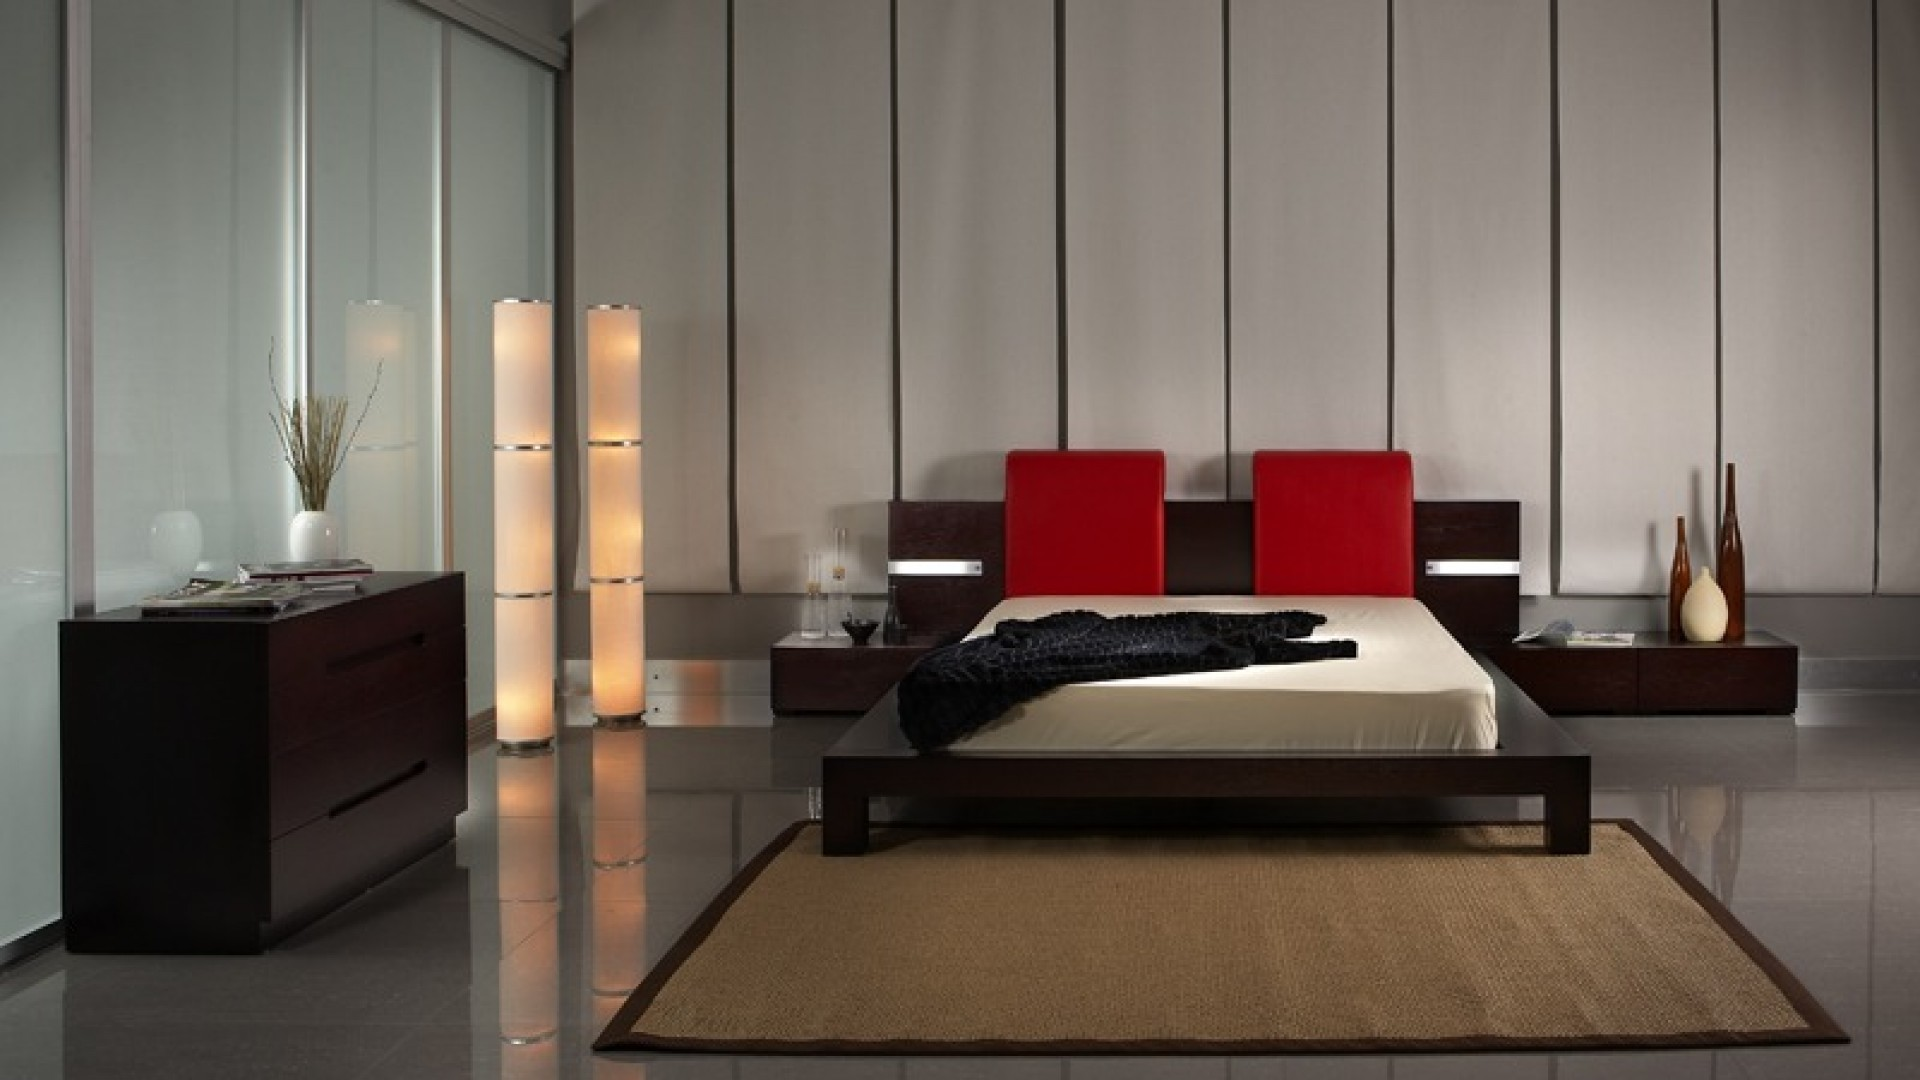 Мебель для спальни лучше выбирать простой формы